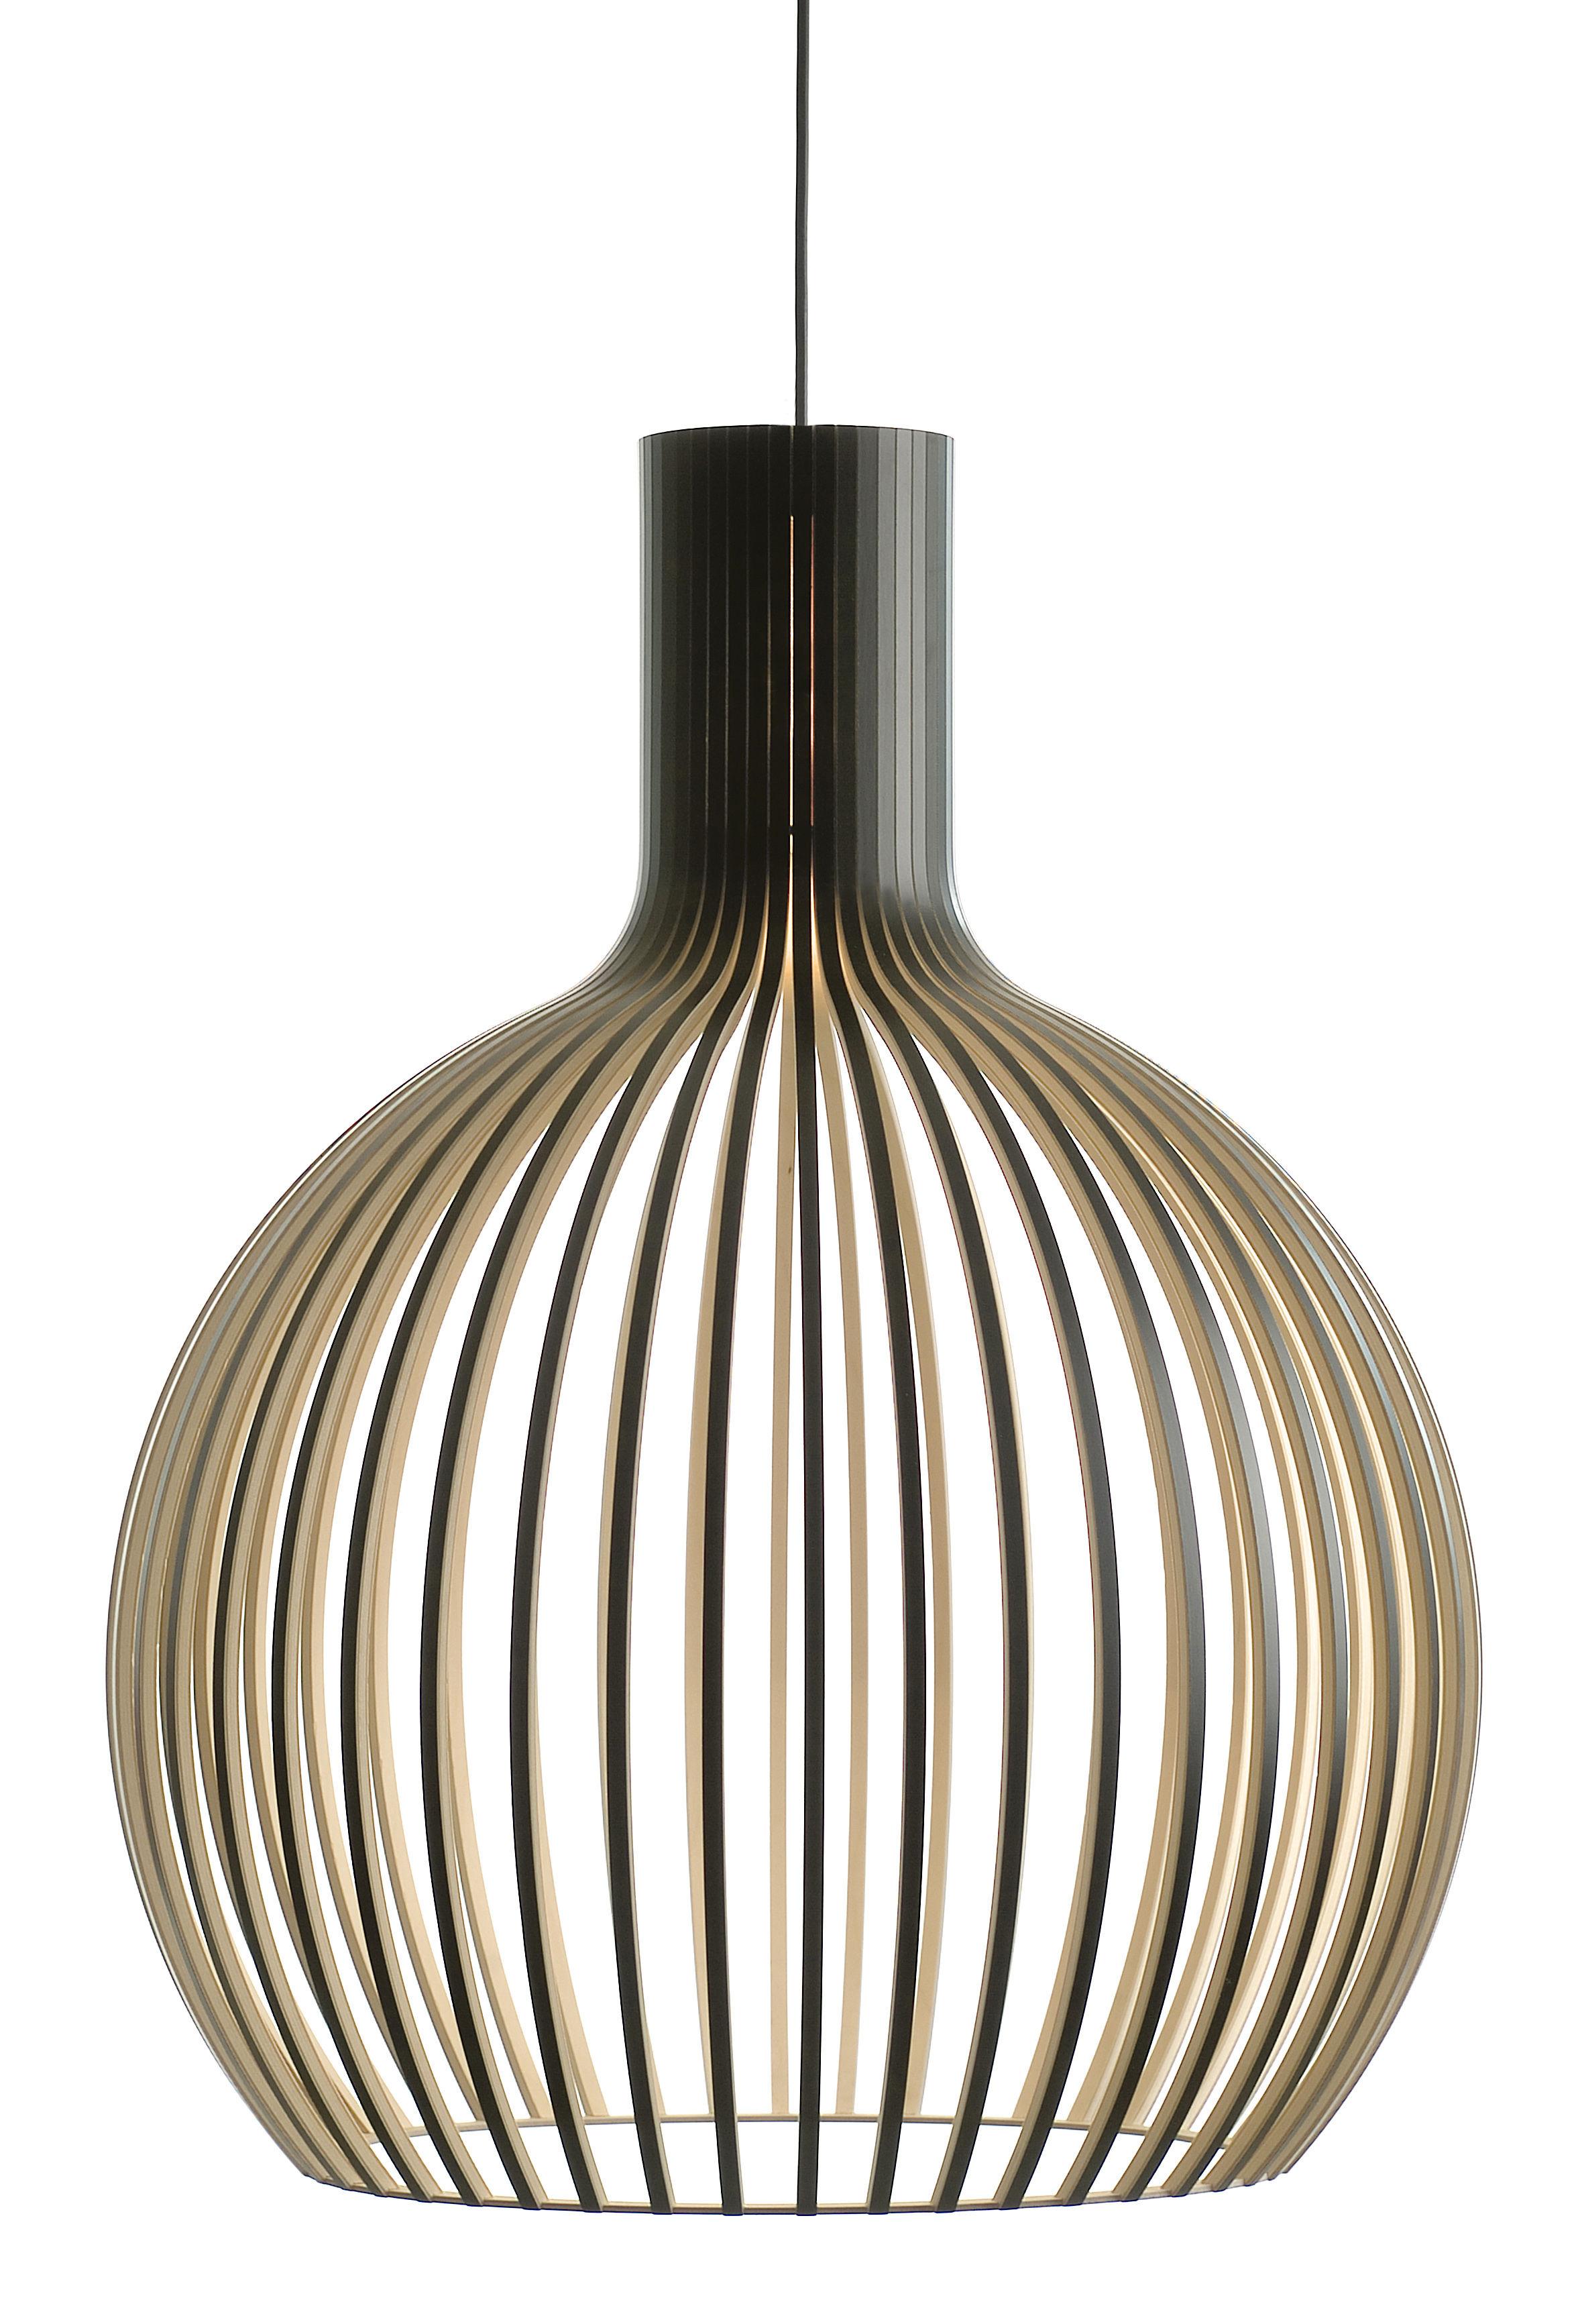 Luminaire - Suspensions - Suspension Octo / Ø 54 cm - Secto Design - Noir / Câble noir - Lattes de laminé de bouleau, Textile